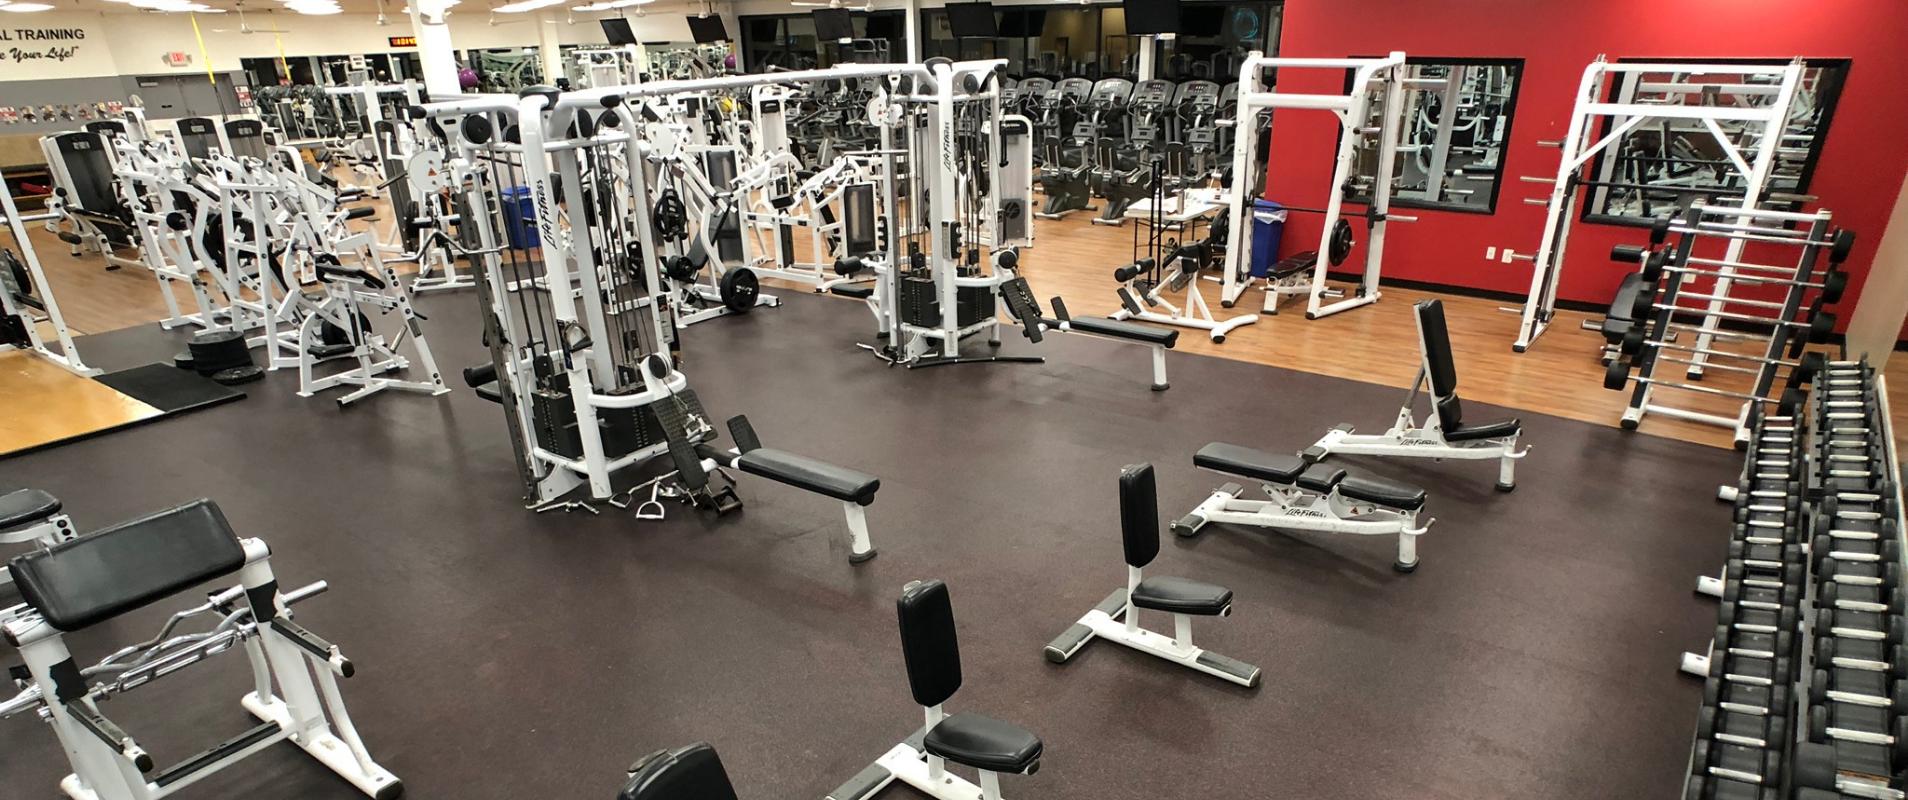 69dfc741f2a Fitness 19